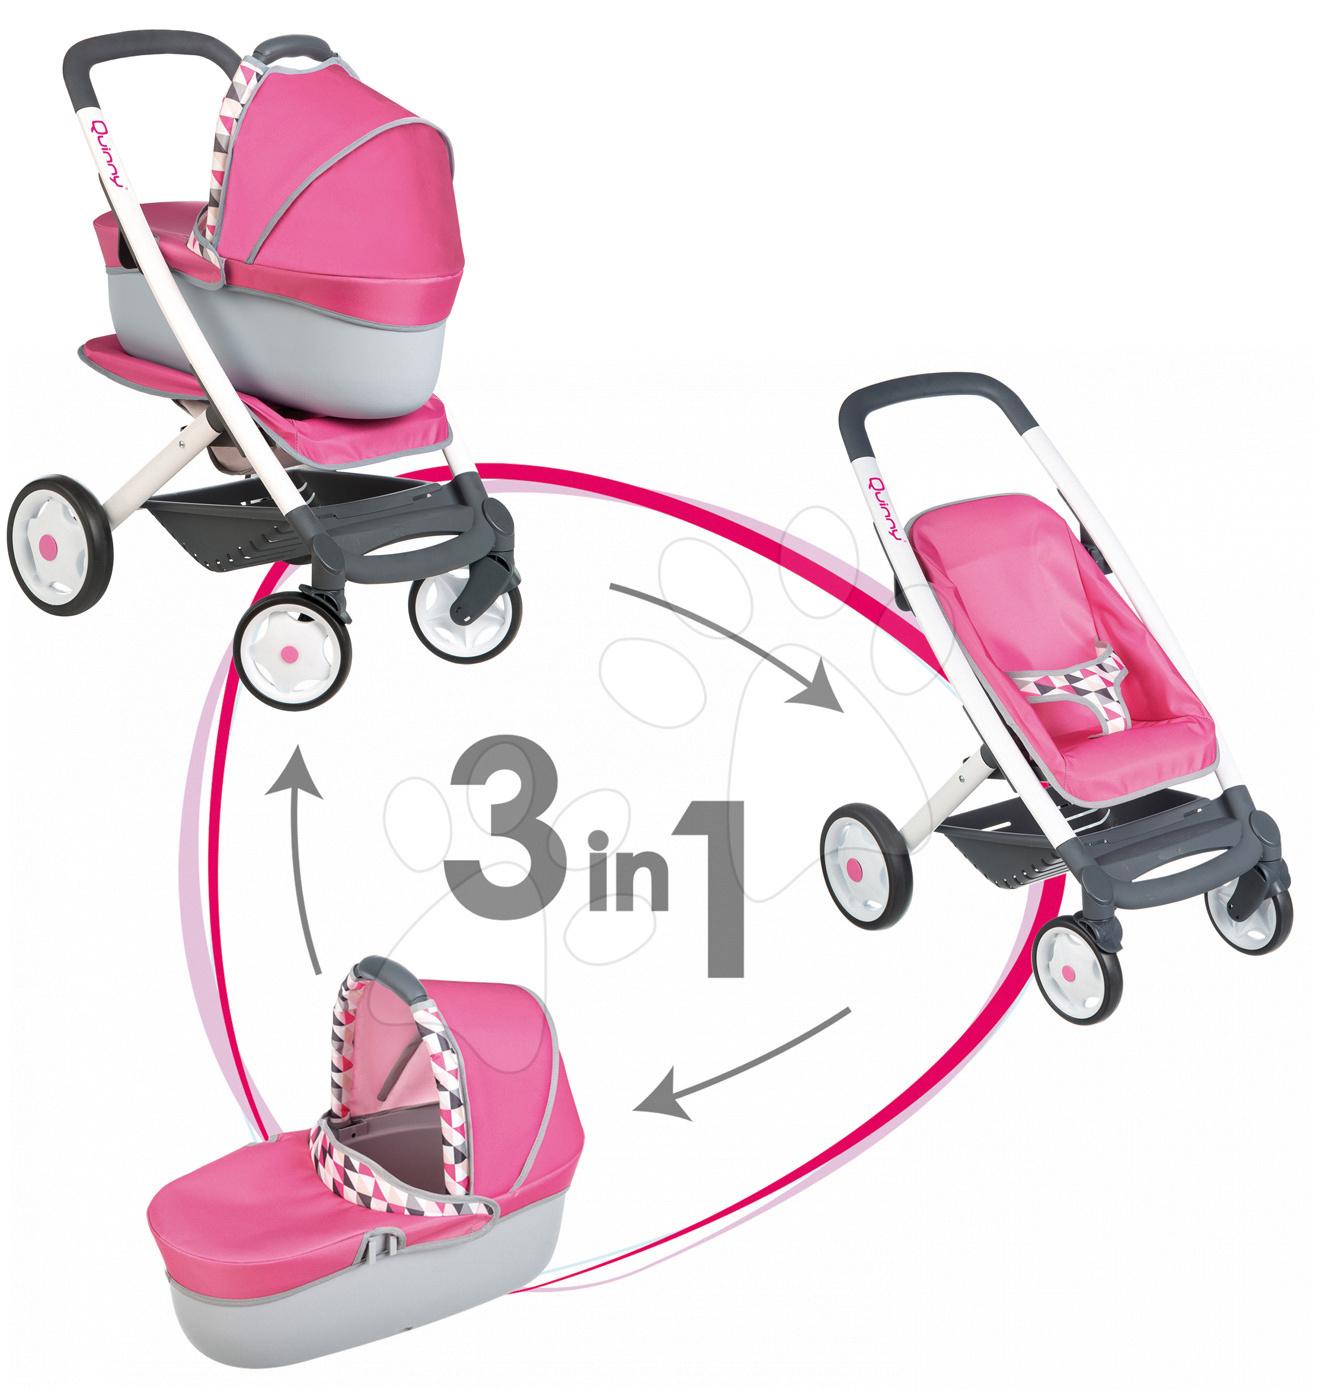 Smoby trojkombinácia kočiarika pre bábiku Maxi Cosi&Quinny 253197 ružový